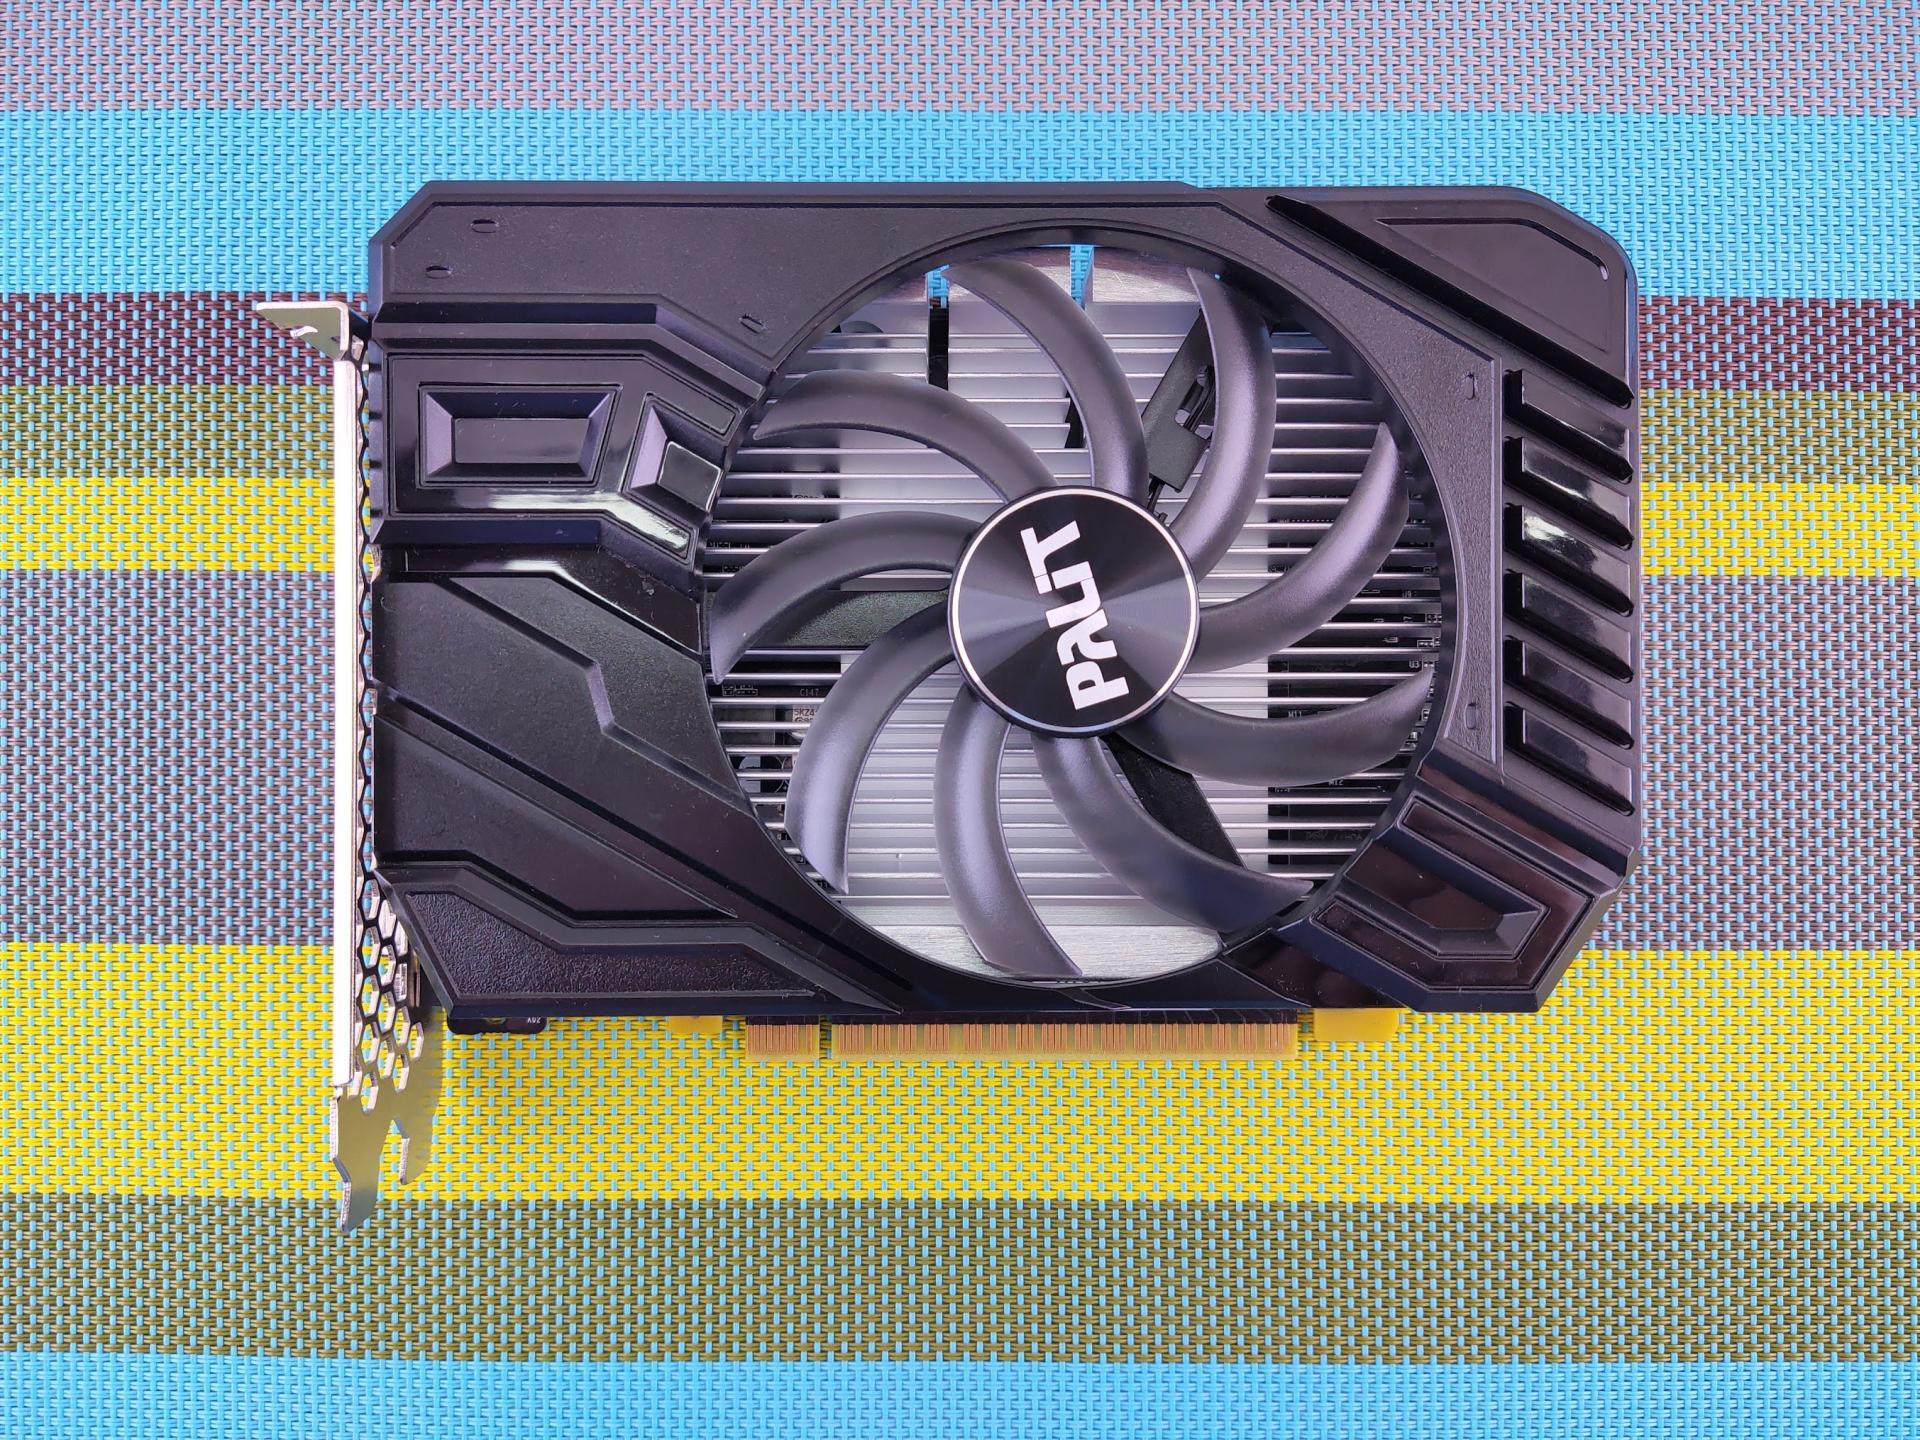 Разгон видеокарты: пробуем бюджетную PALIT GeForce GTX 1650 Super 1530MHz StormX